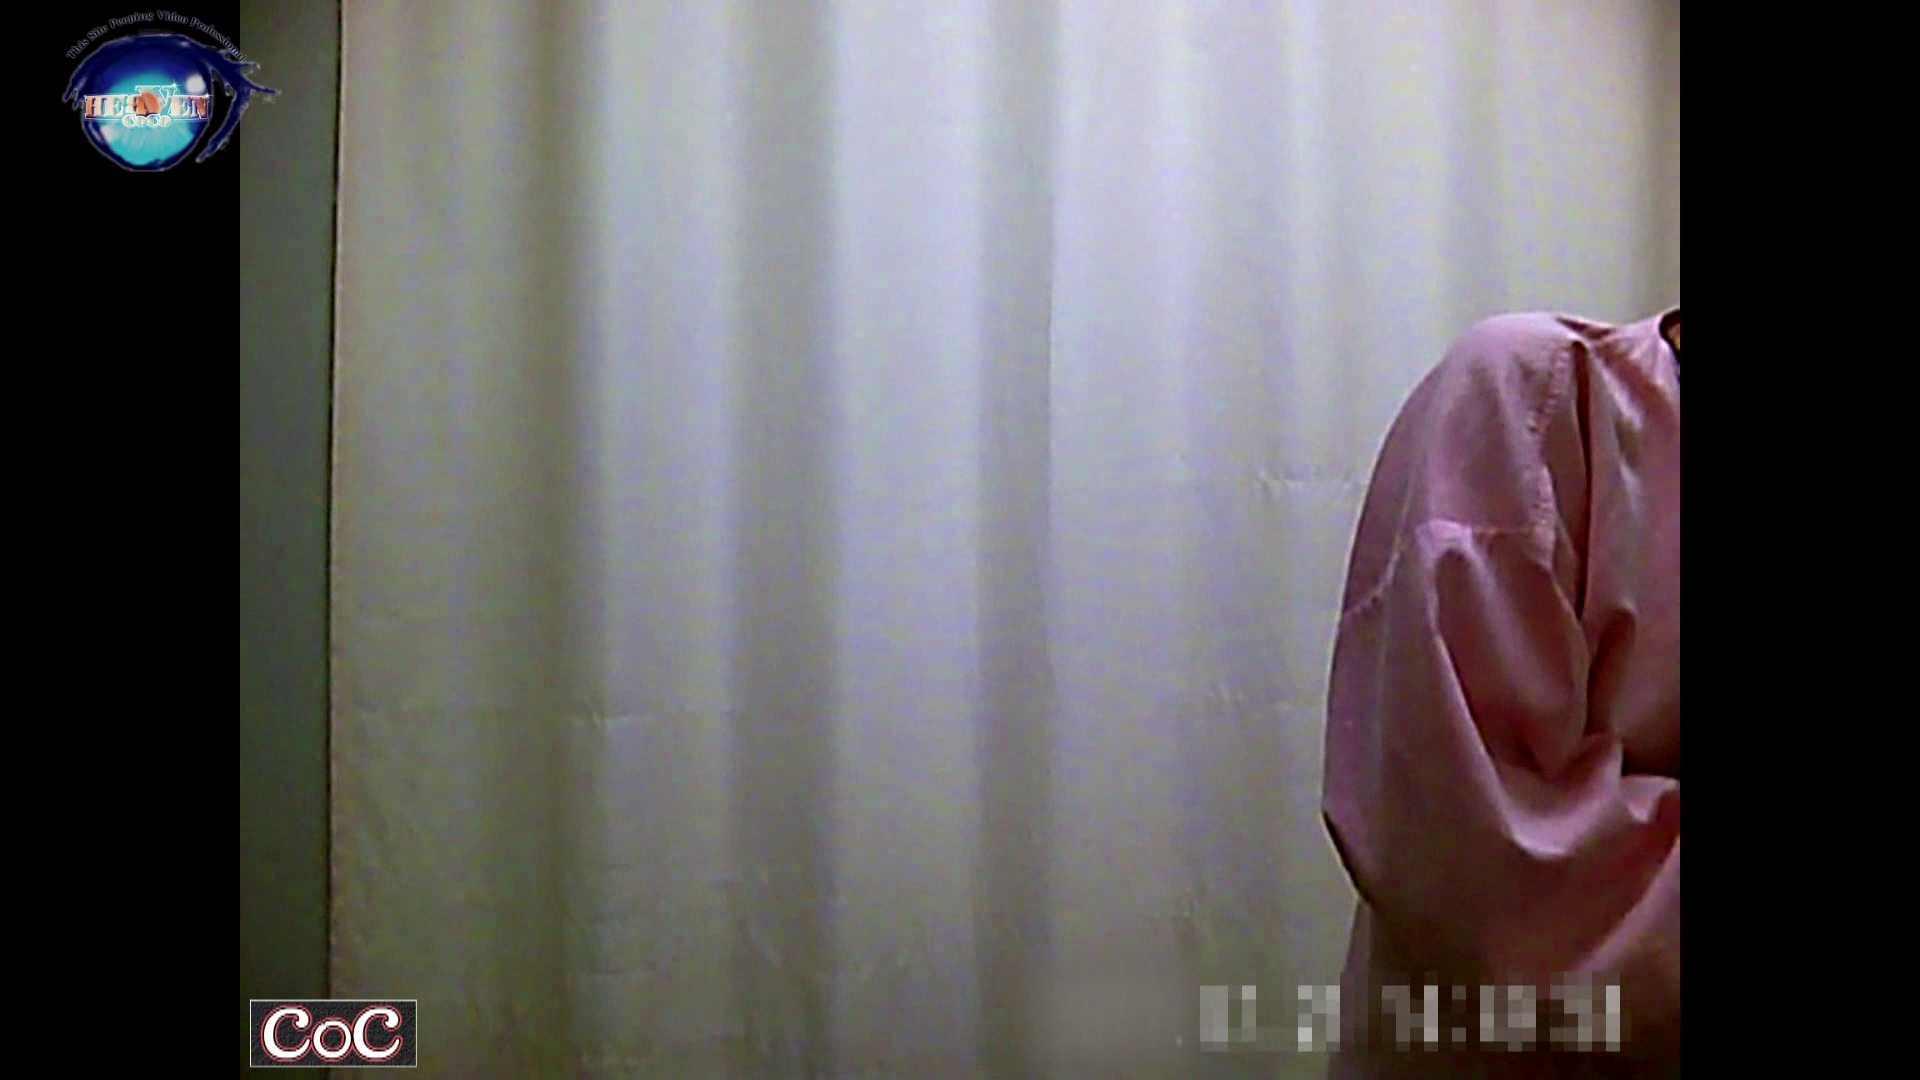 激ヤバ健康診断!着替えの一部始終.vol.04※本編ボカシ・目線無し ギャルのエロ動画 オマンコ無修正動画無料 104PIX 7